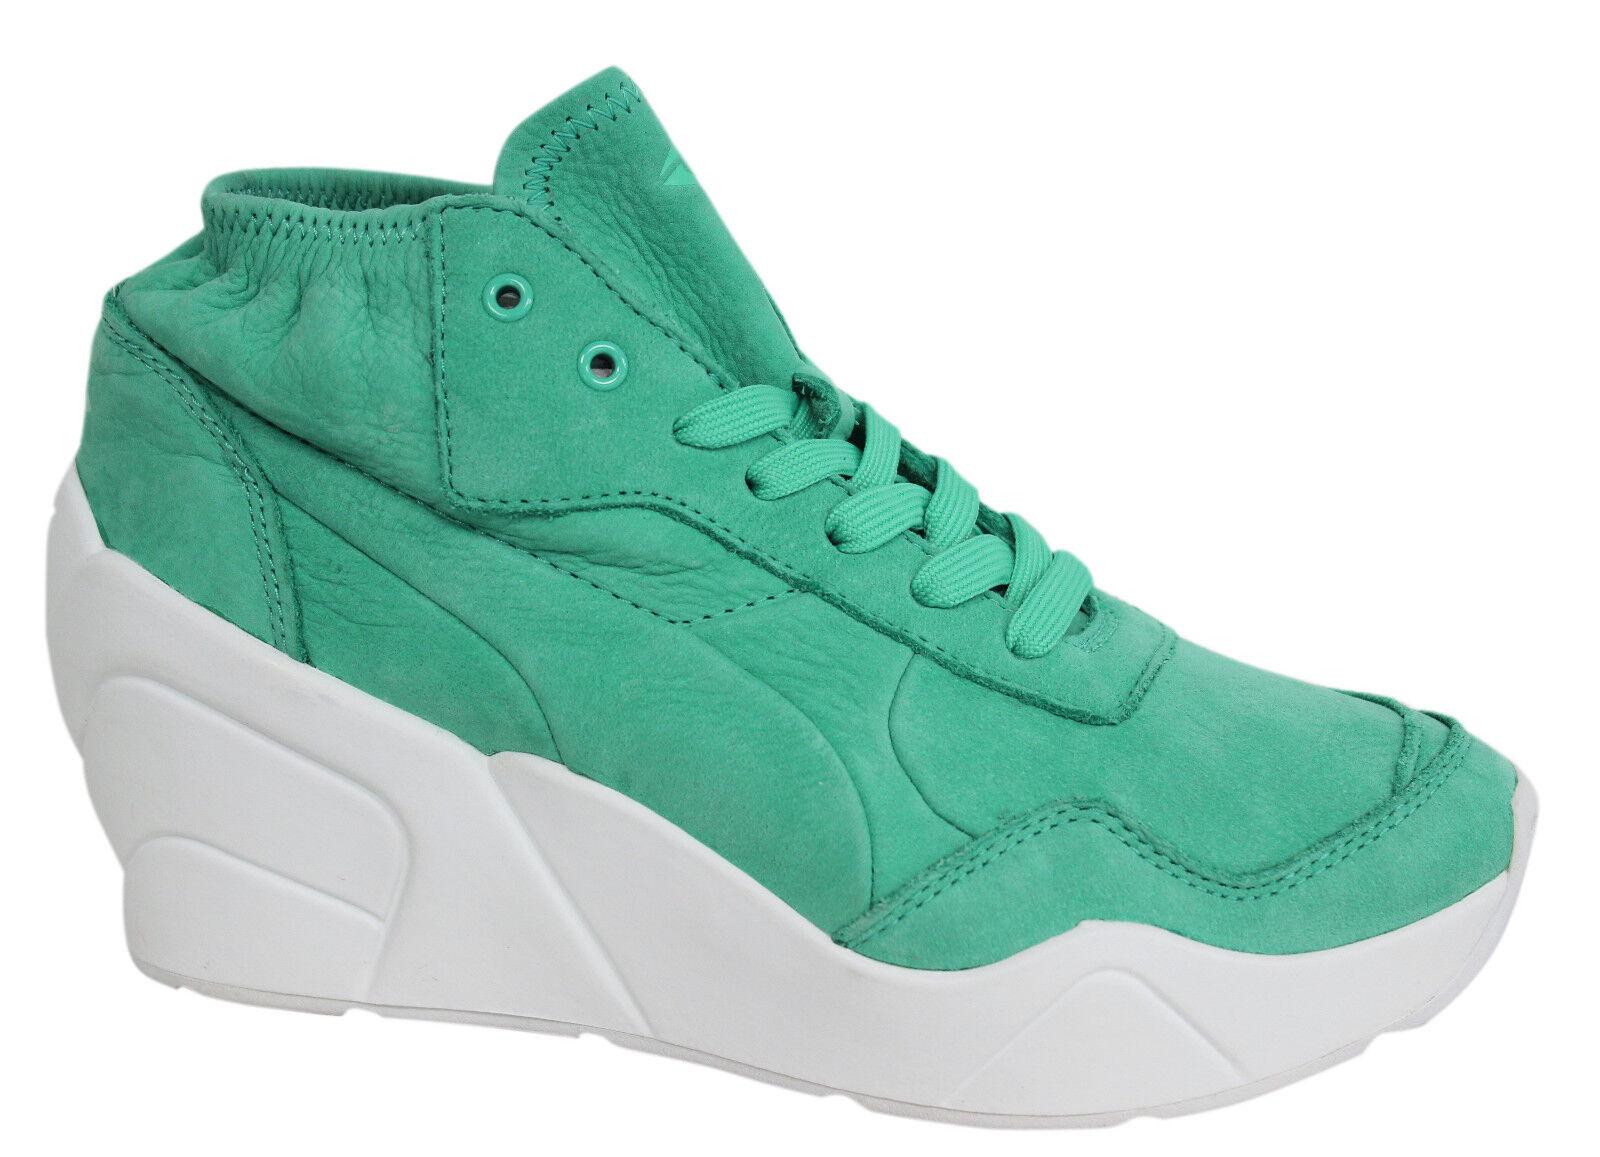 Puma Trinomic con Lacci verde verde verde Zeppa Scarpe da Ginnastica pelle Donna 356378 04 | Bella apparenza  3c336c